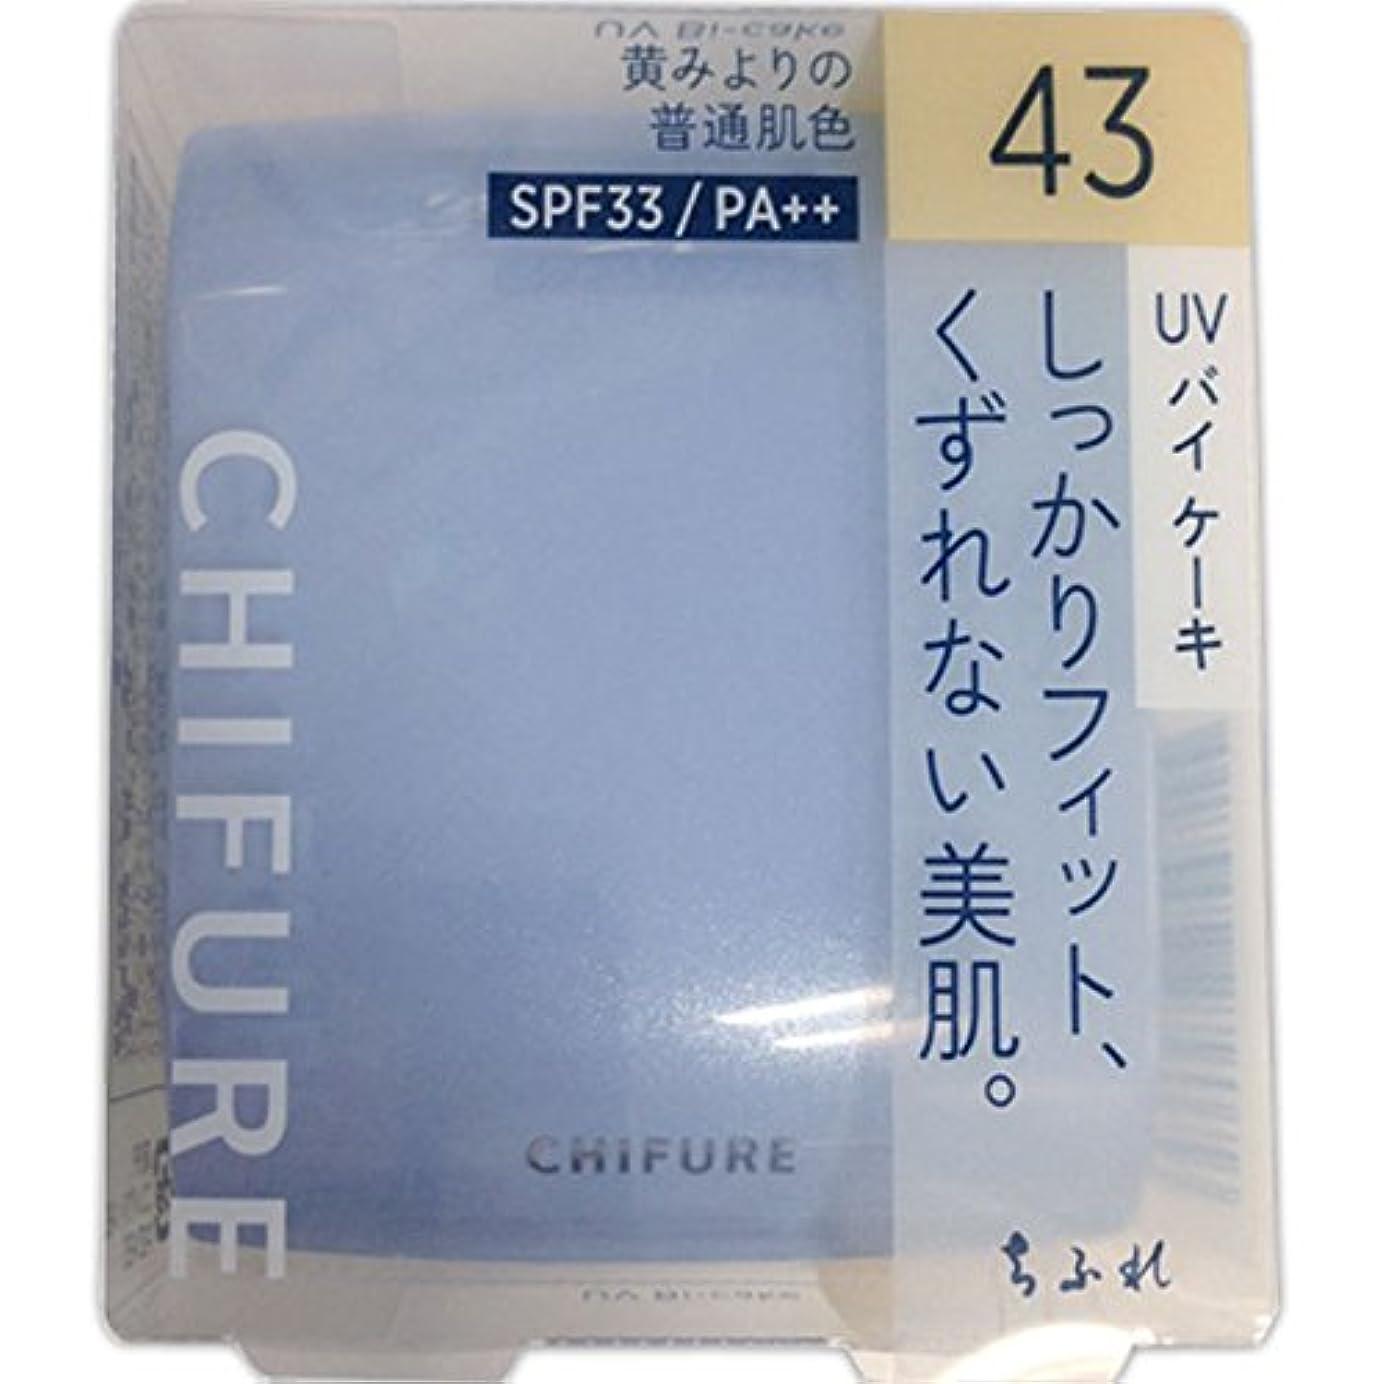 まっすぐにする不快なしないちふれ化粧品 UV バイ ケーキ(スポンジ入り) 43 黄みよりの普通肌色 43